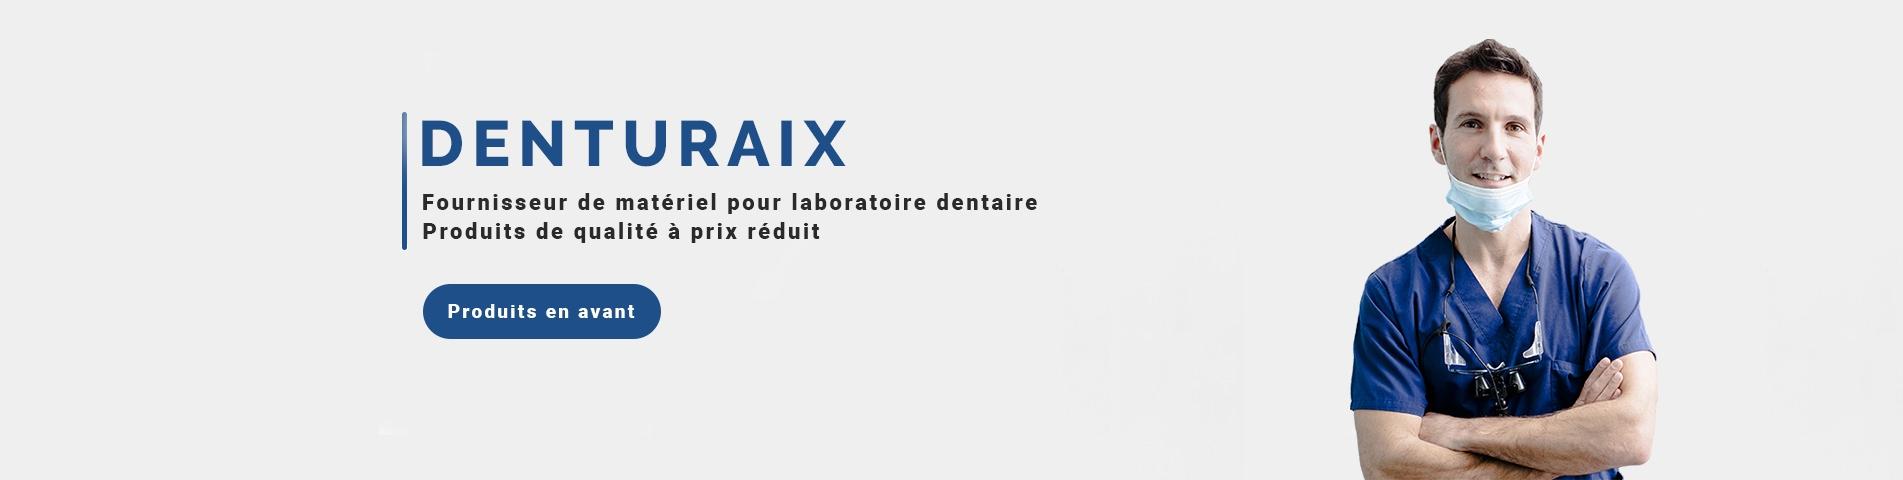 Denturaix Fournisseur de matériel pour laboratoire dentaire